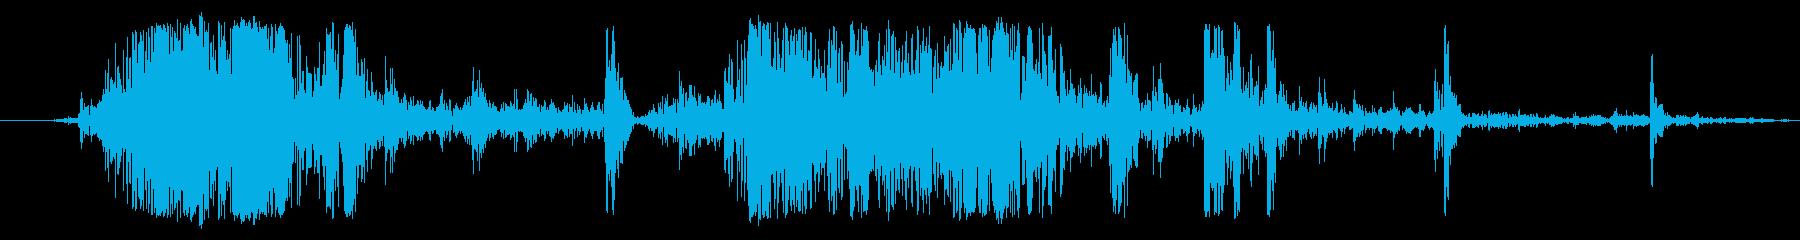 ヘビーアイスクラッシュの影響の再生済みの波形